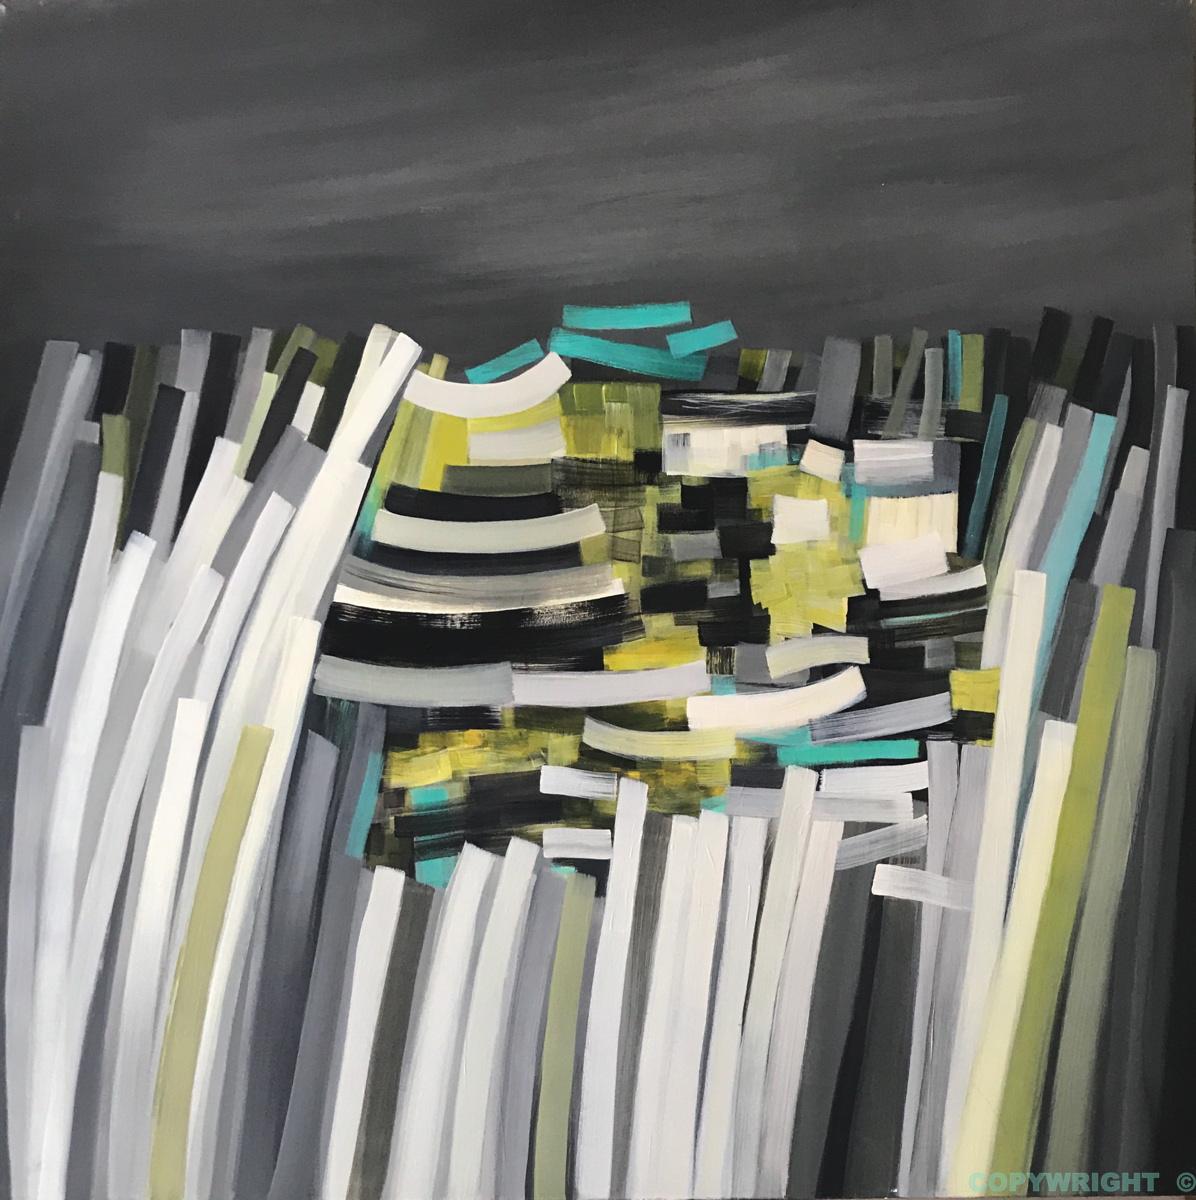 art-peinture- abstraction-tableau-colonnes en équilibre, structures verticales et horizontales sur ciel sombre-Nathalie Noël